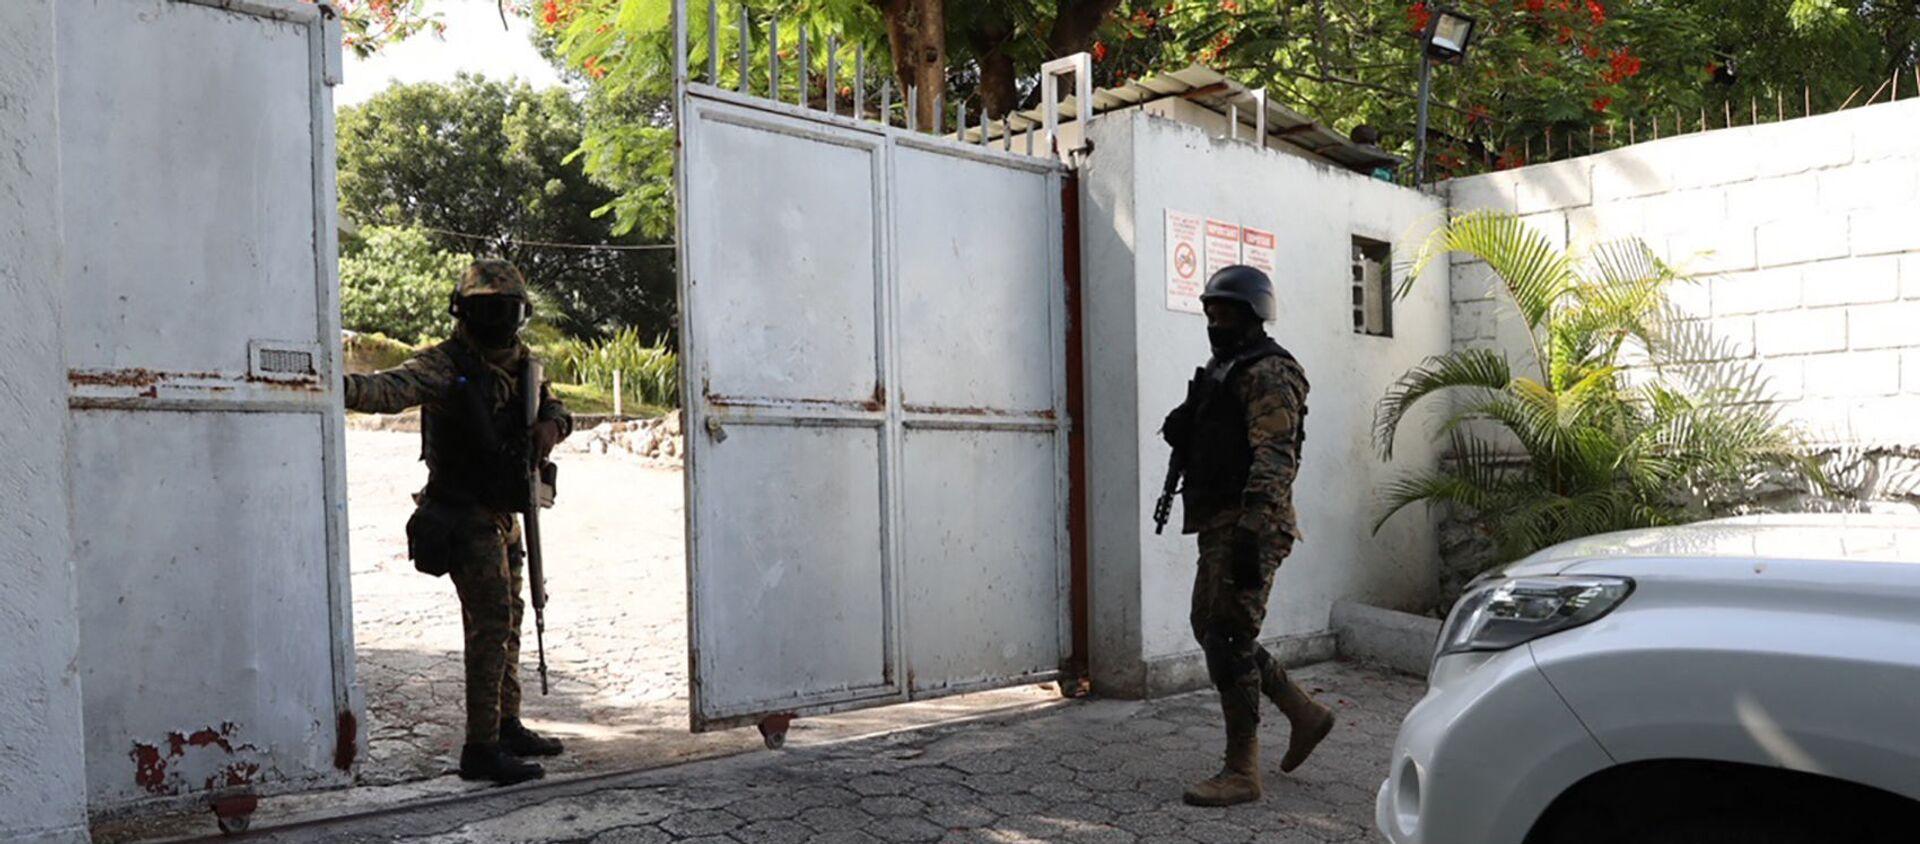 Các binh sĩ canh gác gần bệnh viện, nơi đệ nhất phu nhân Haiti bà Martine Moise bị thương đang điều trị sau vụ ám sát Tổng thống Jovenel Moise (Port-au-Prince, Haiti., 07.07.2021) - Sputnik Việt Nam, 1920, 08.07.2021